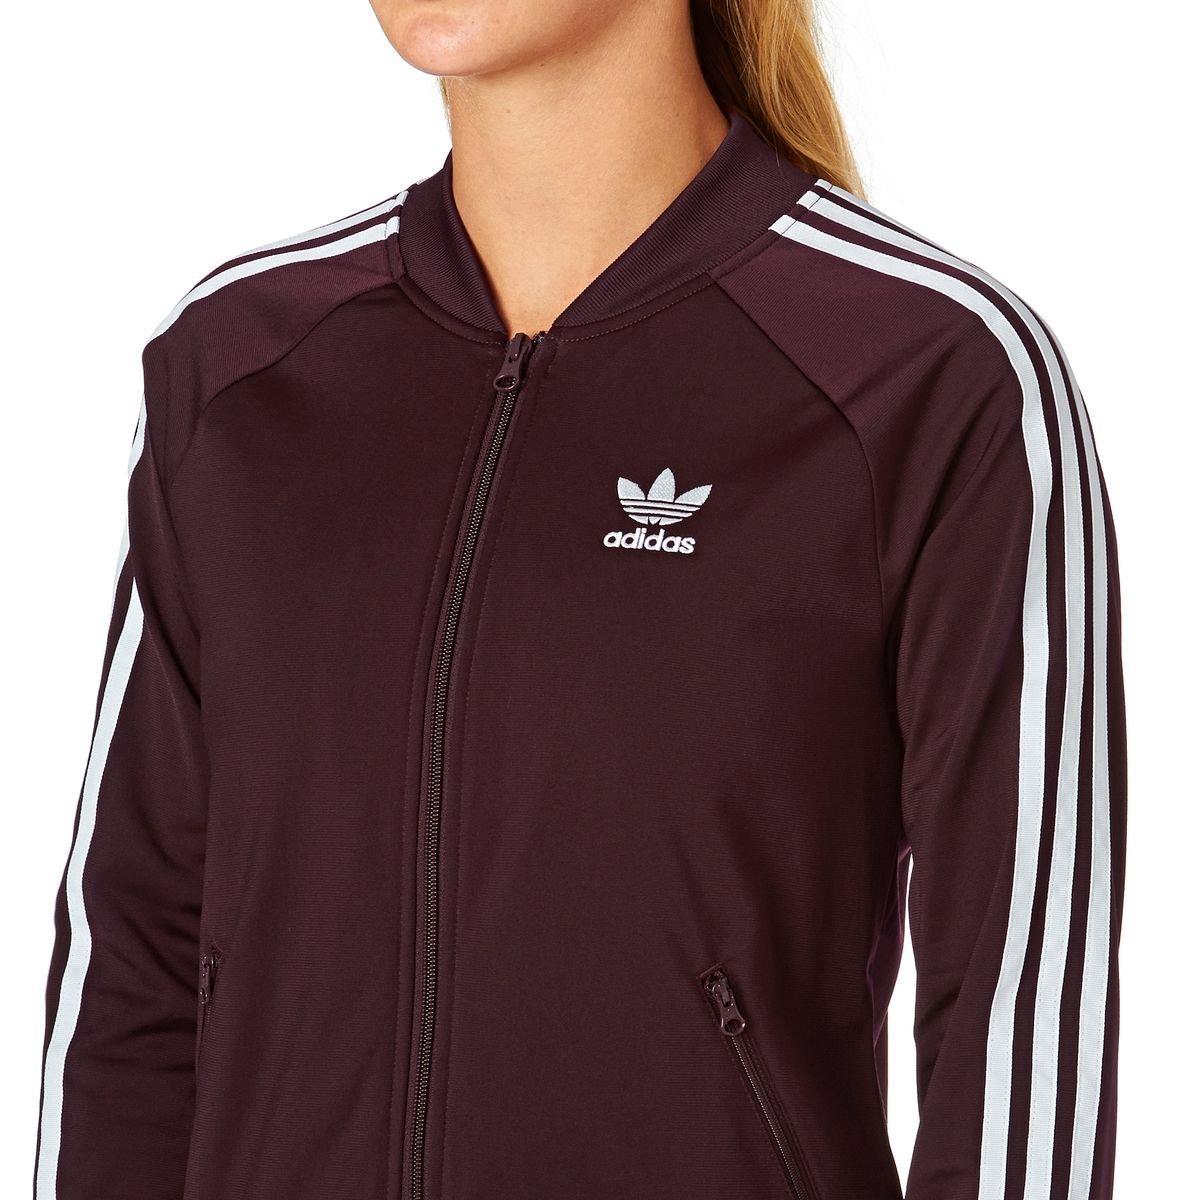 5157a77383 adidas Veste Superstar TT Bordeaux Femme: Amazon.fr: Vêtements et  accessoires